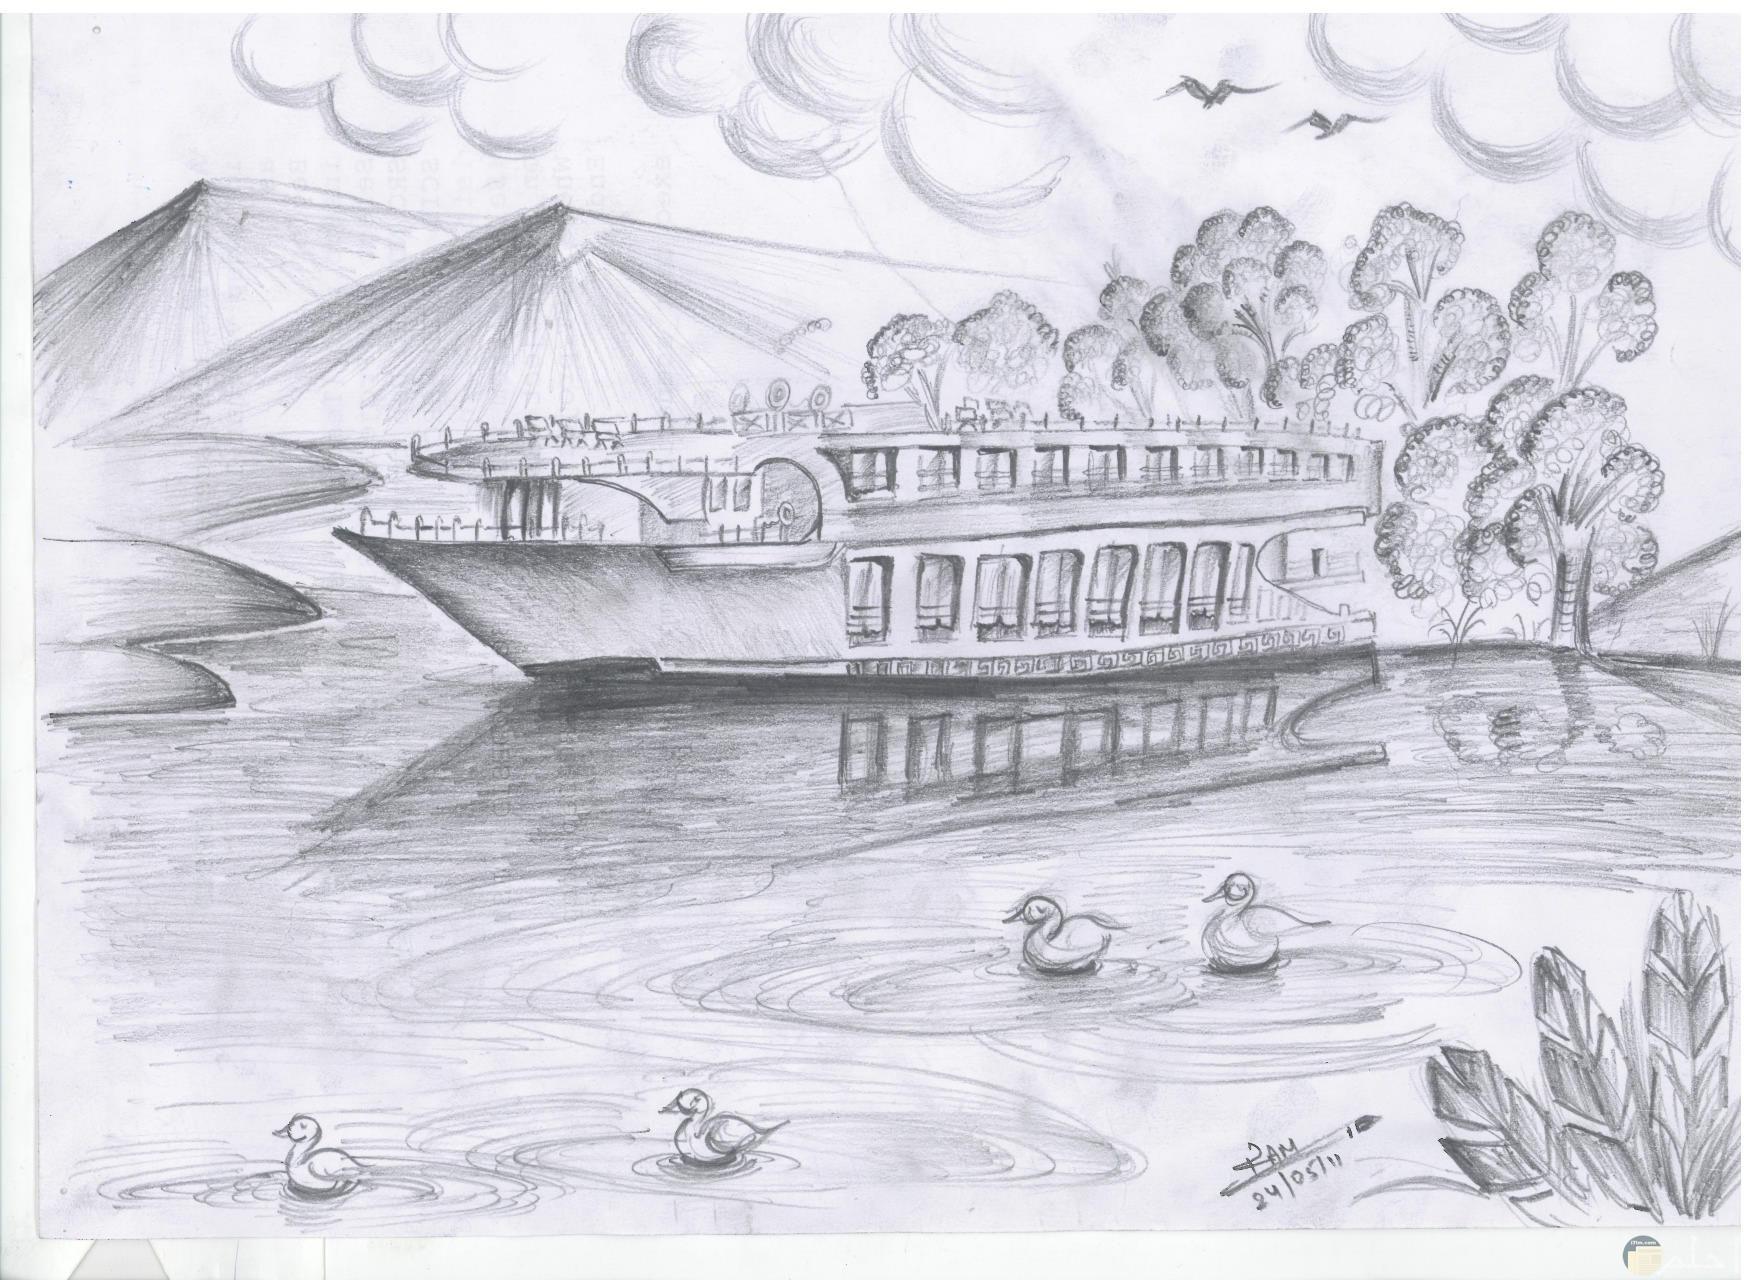 رسمة بالرصاص لمركب يتحرك في النهر